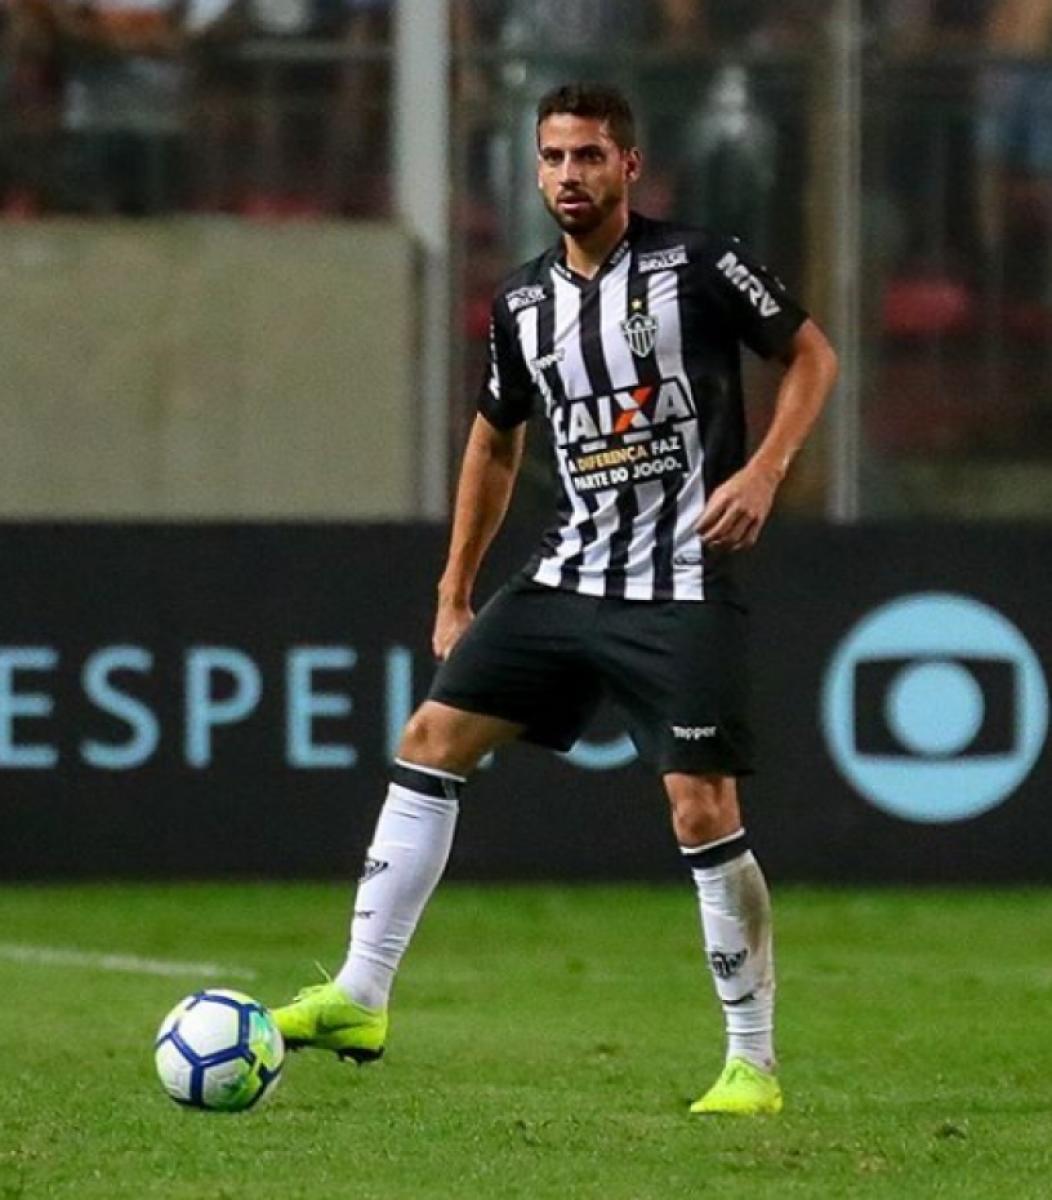 Fim da novela  Botafogo aceita proposta do Atlético-MG por Igor ... 1043d798e1b91